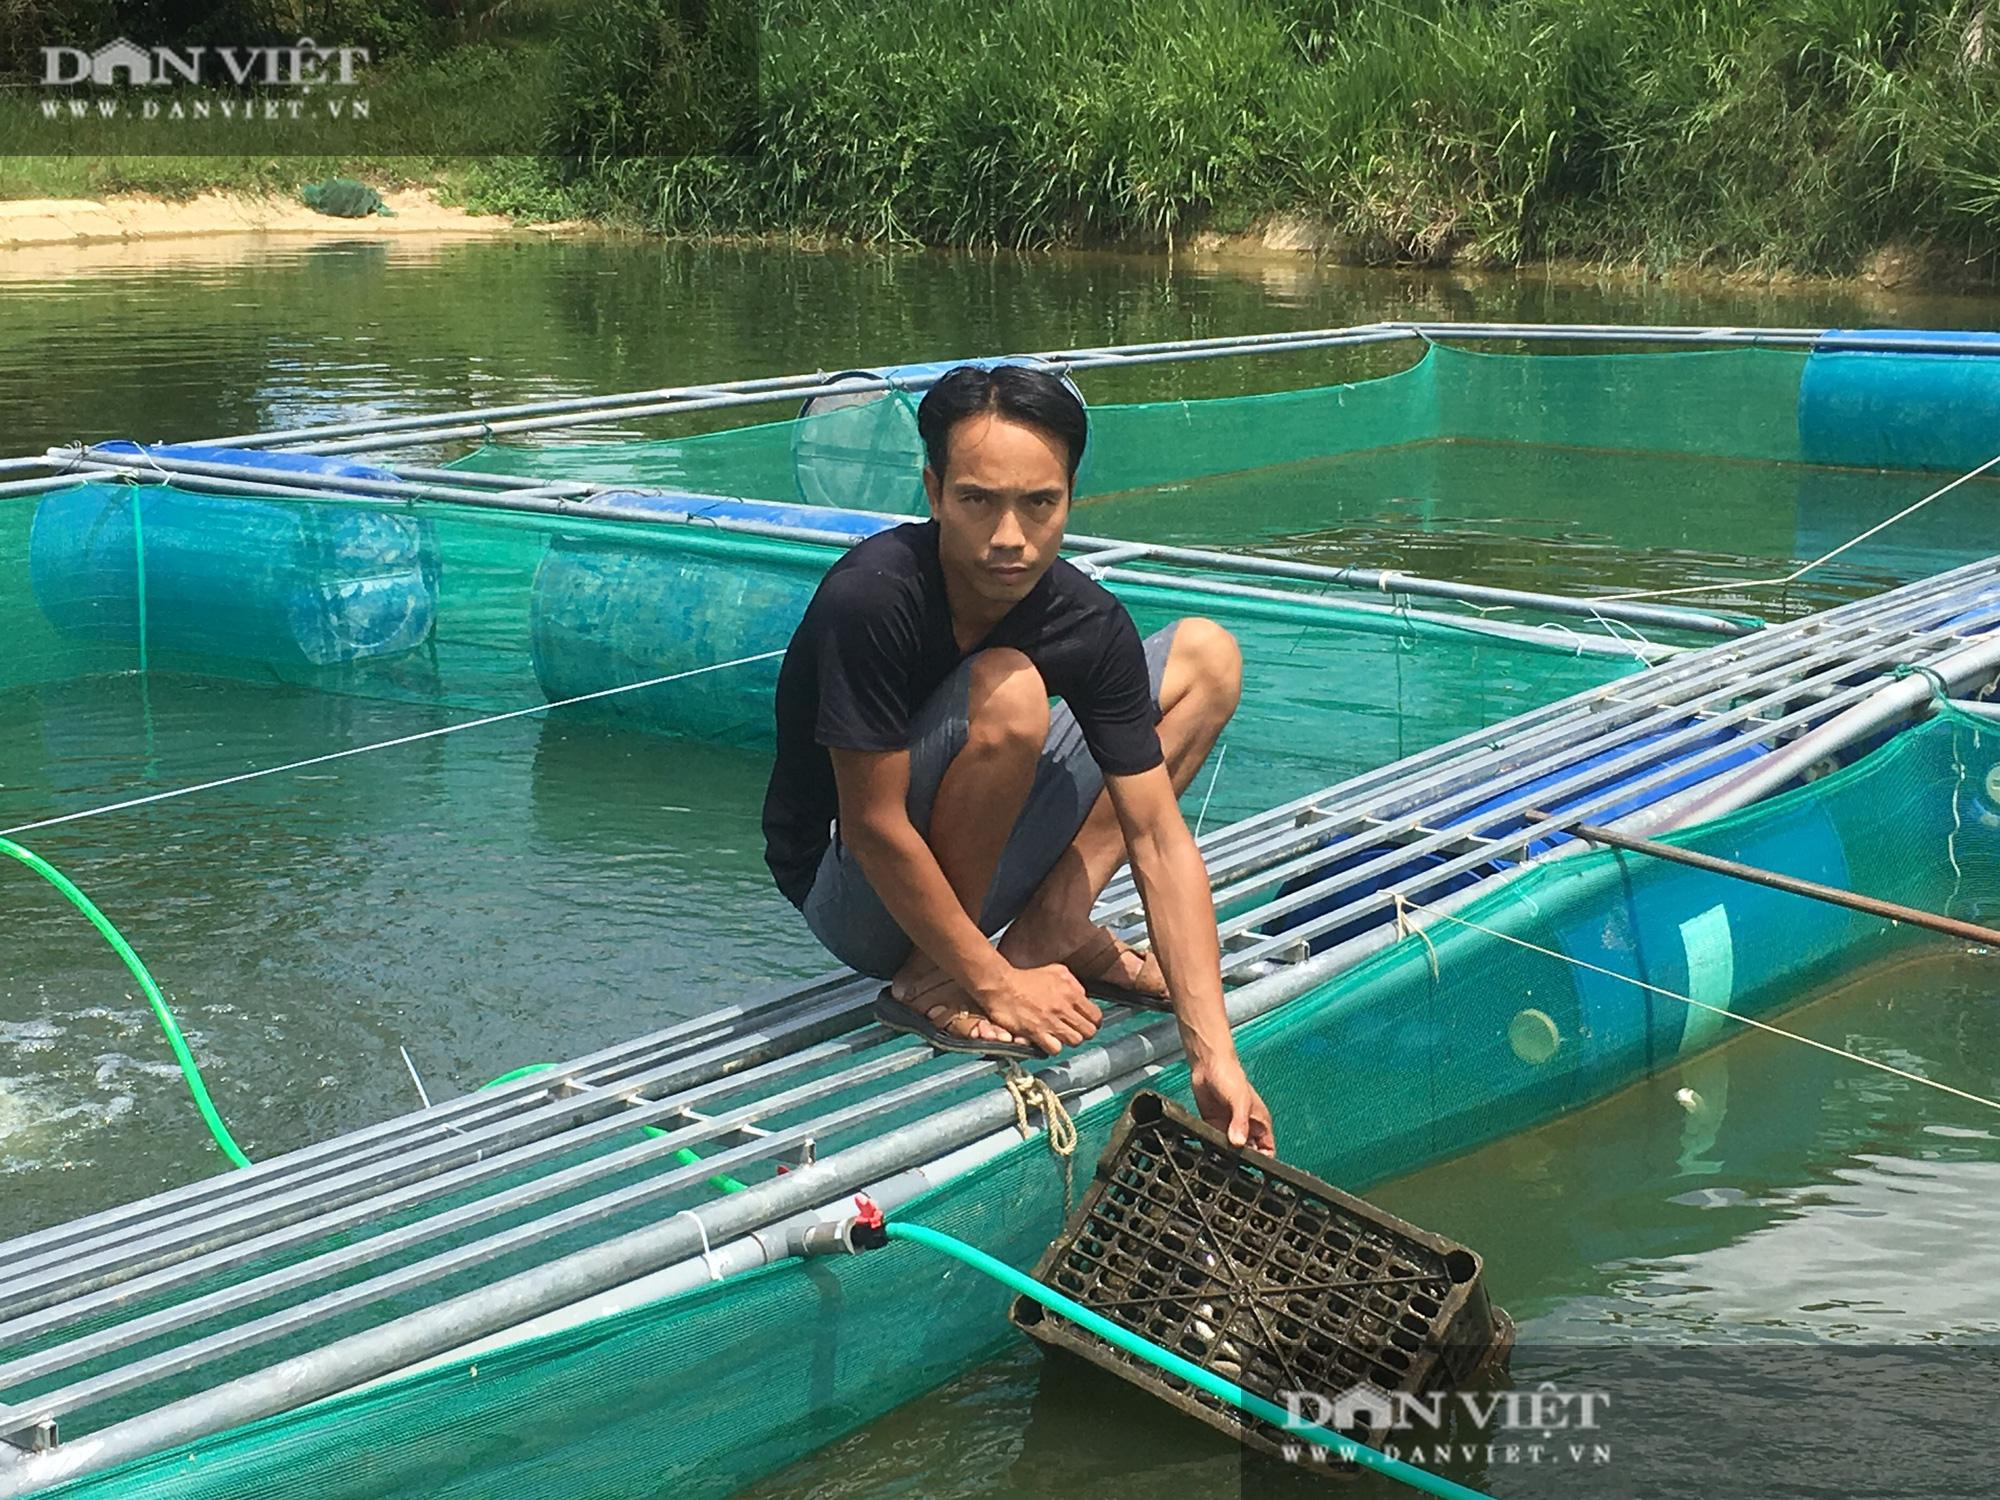 Thanh Hóa: Nuôi cá chạch lấu trên đất lúa kém hiệu quả…lời 300 triệu/năm - Ảnh 3.